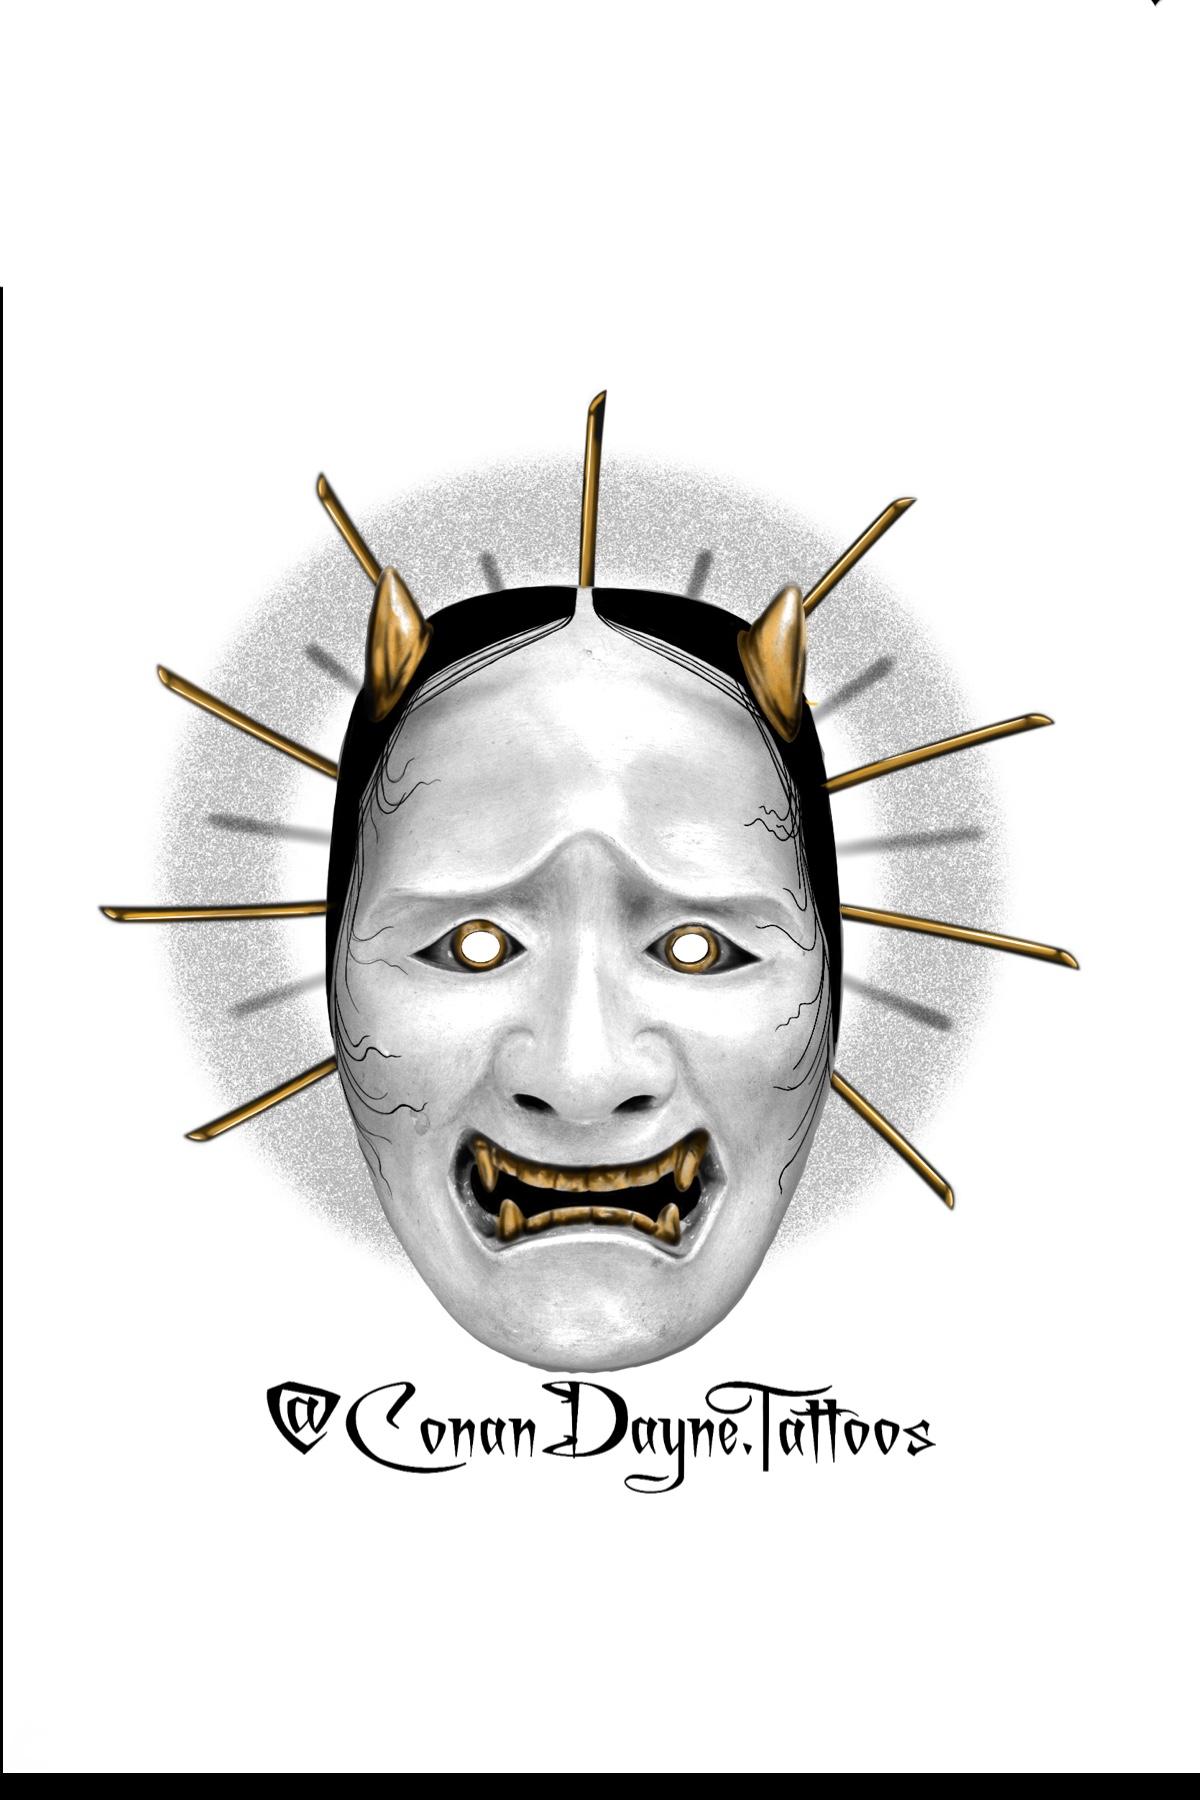 Conan Dayne Tattoo's